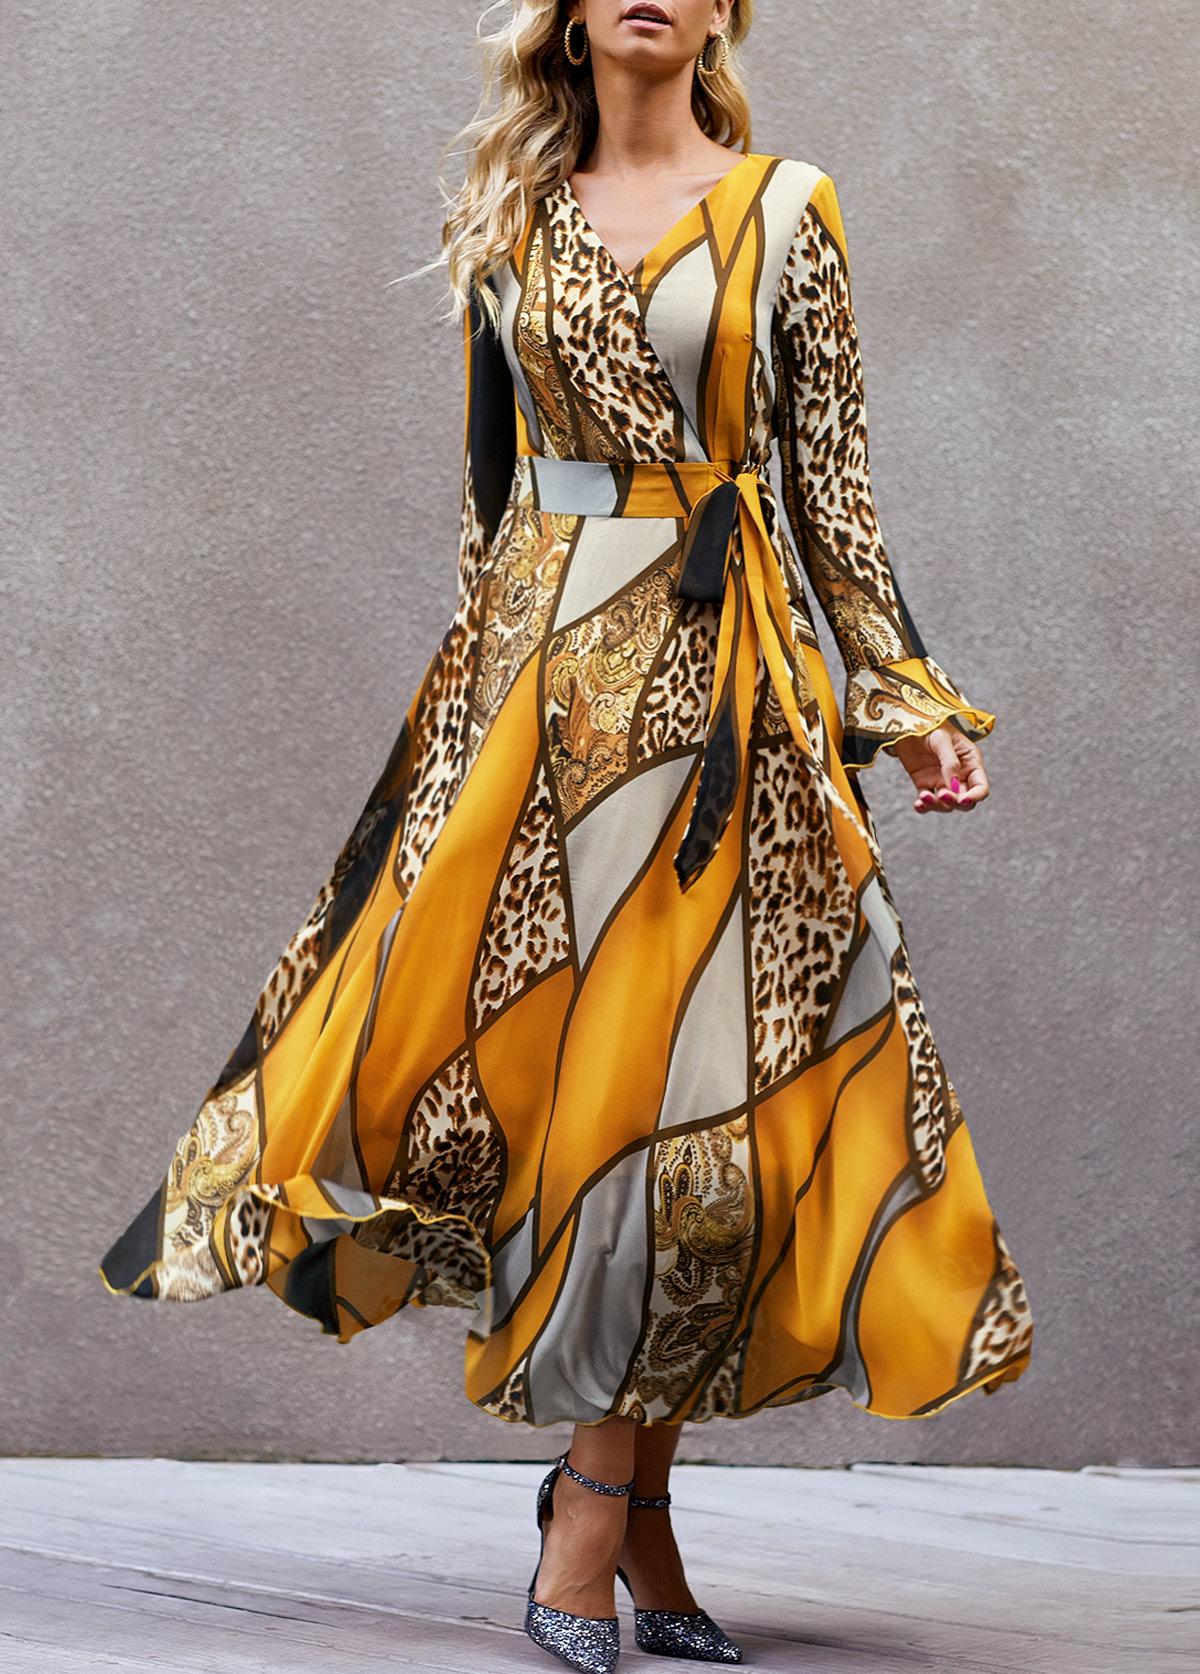 V Neck Leopard Print High Waist Dress